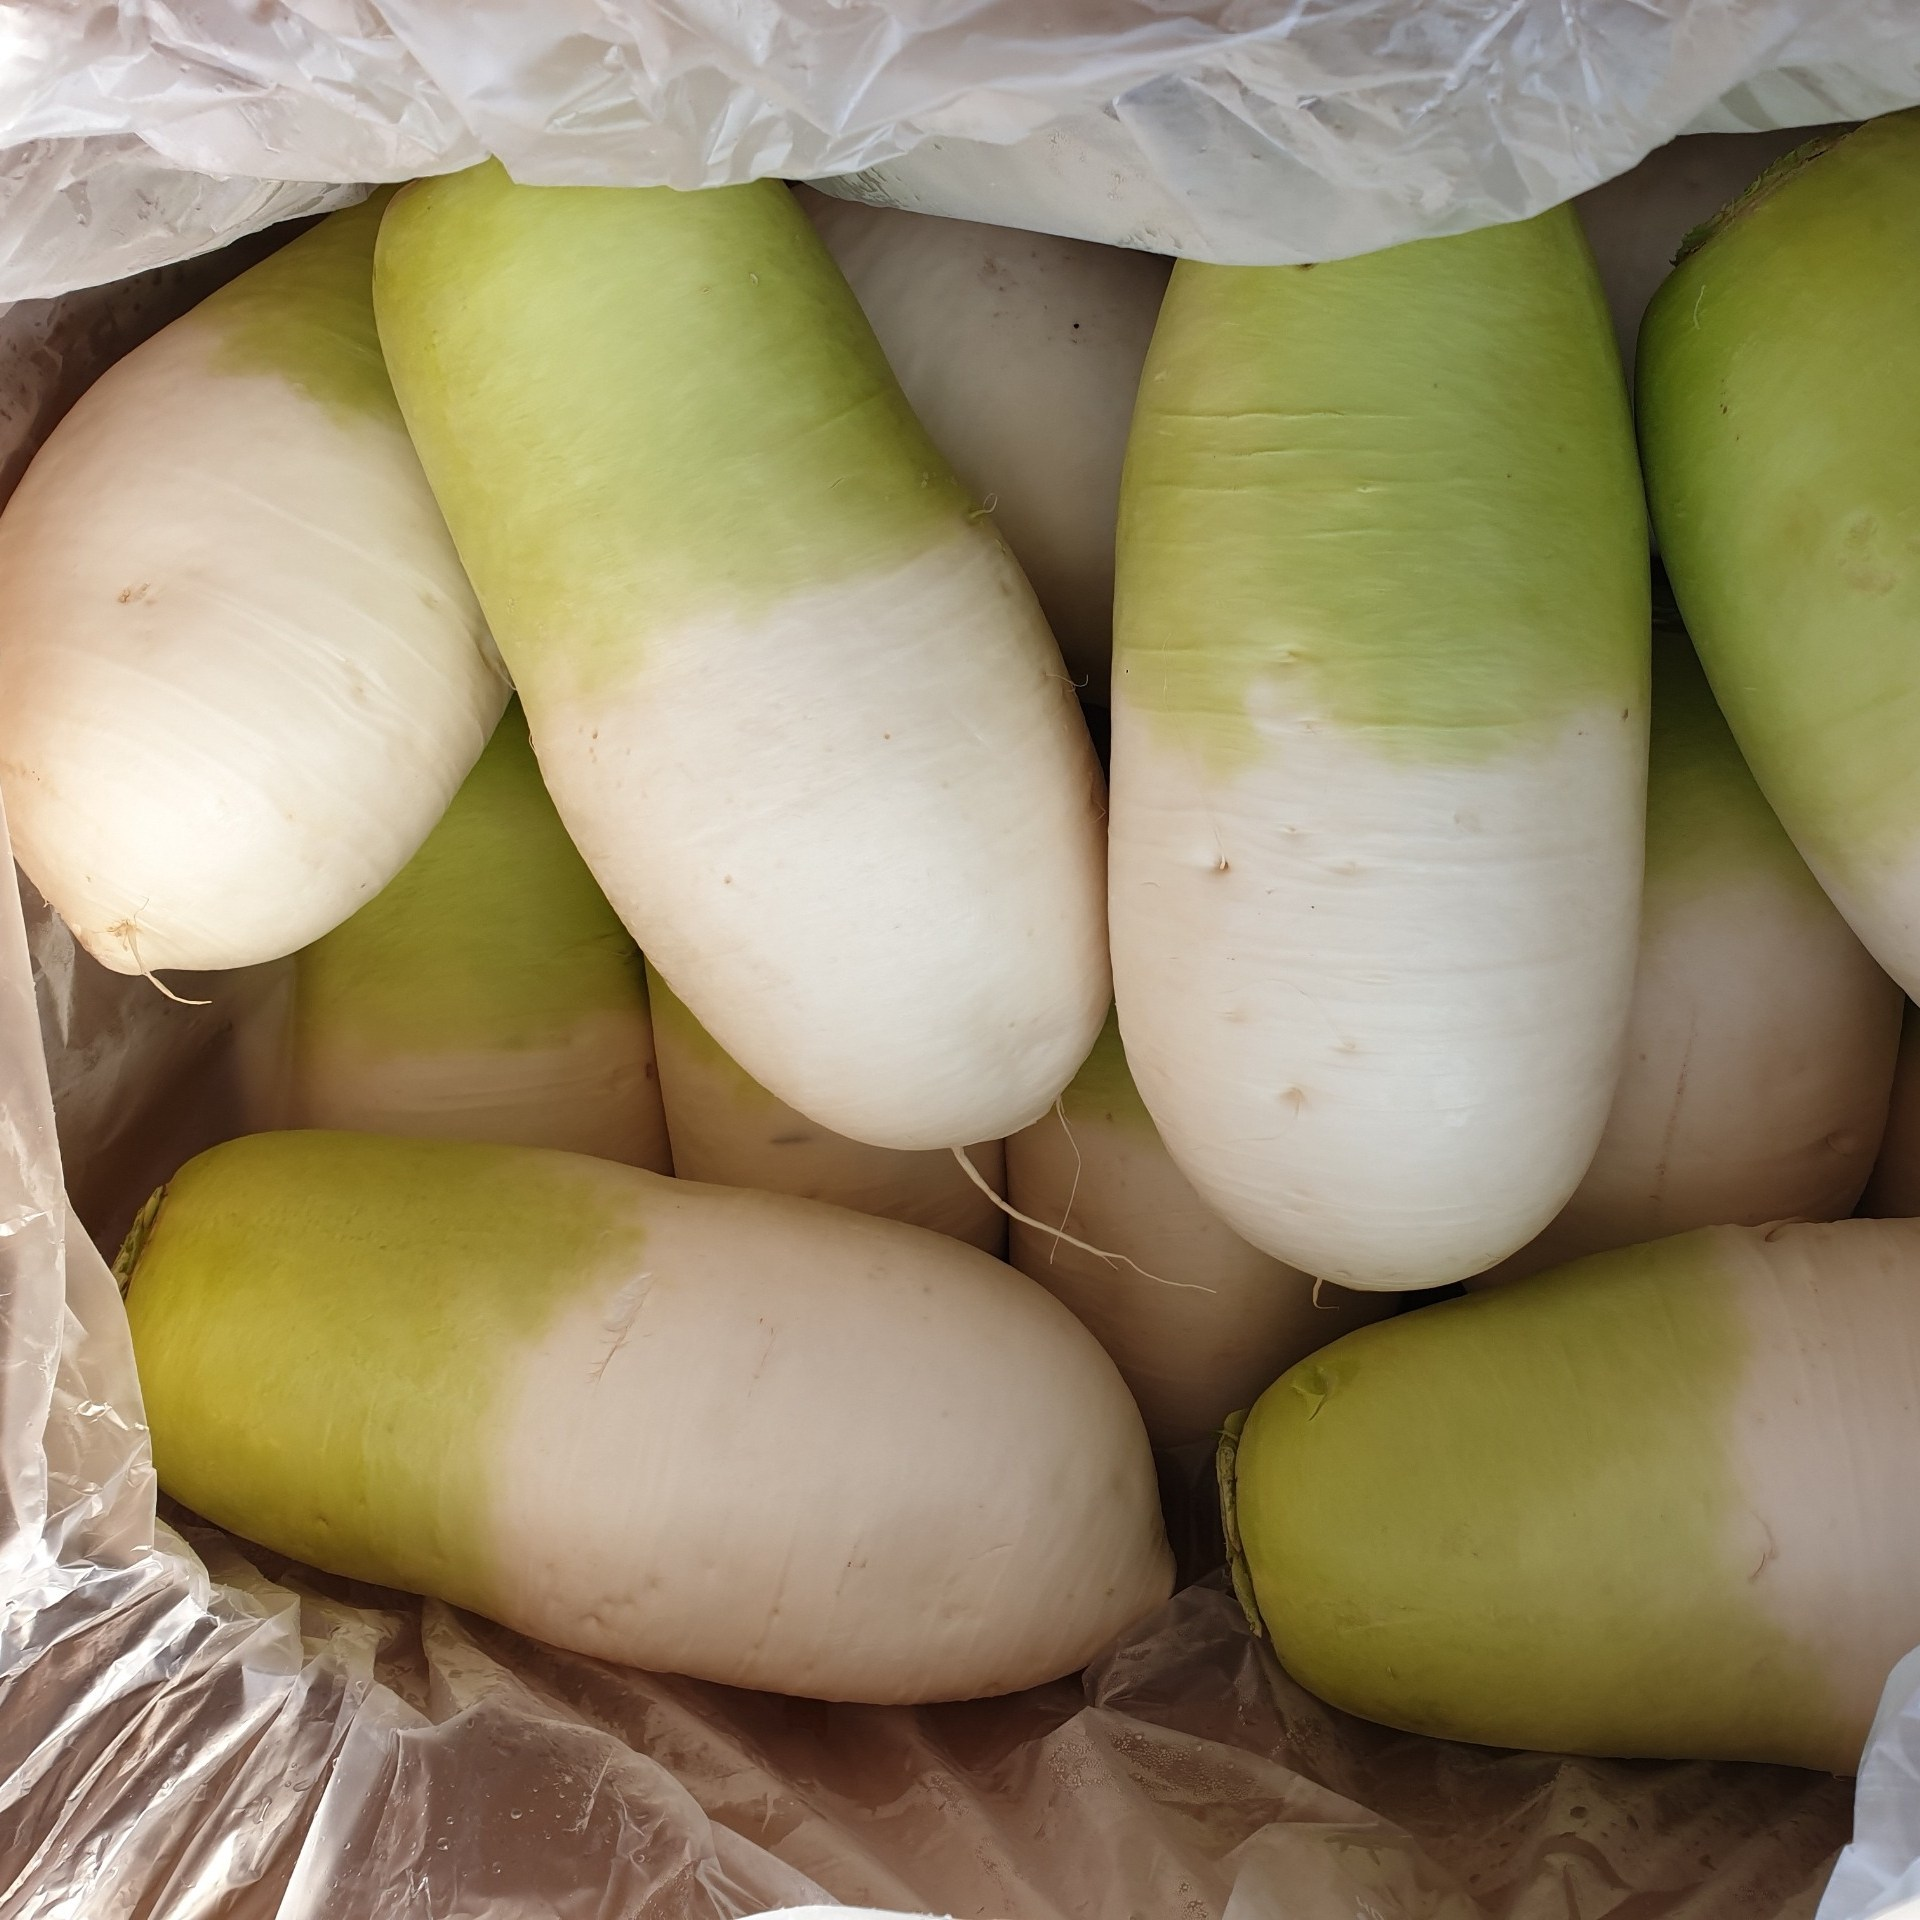 영호네농산물 제주도 월동무 무우 김장무 10kg, 1box